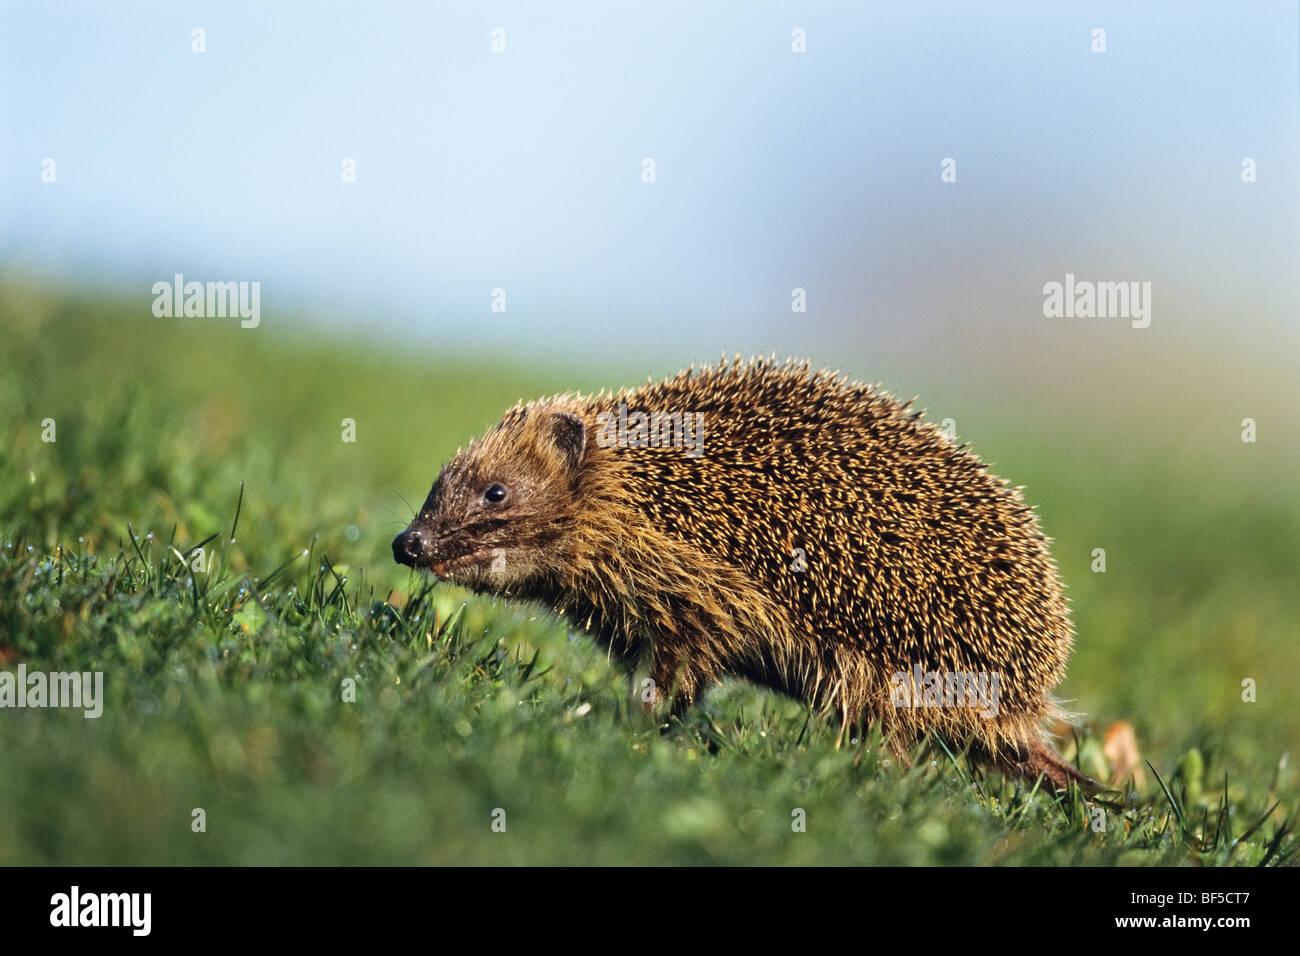 European Hedgehog (Erinaceus europaeus) in spring - Stock Image